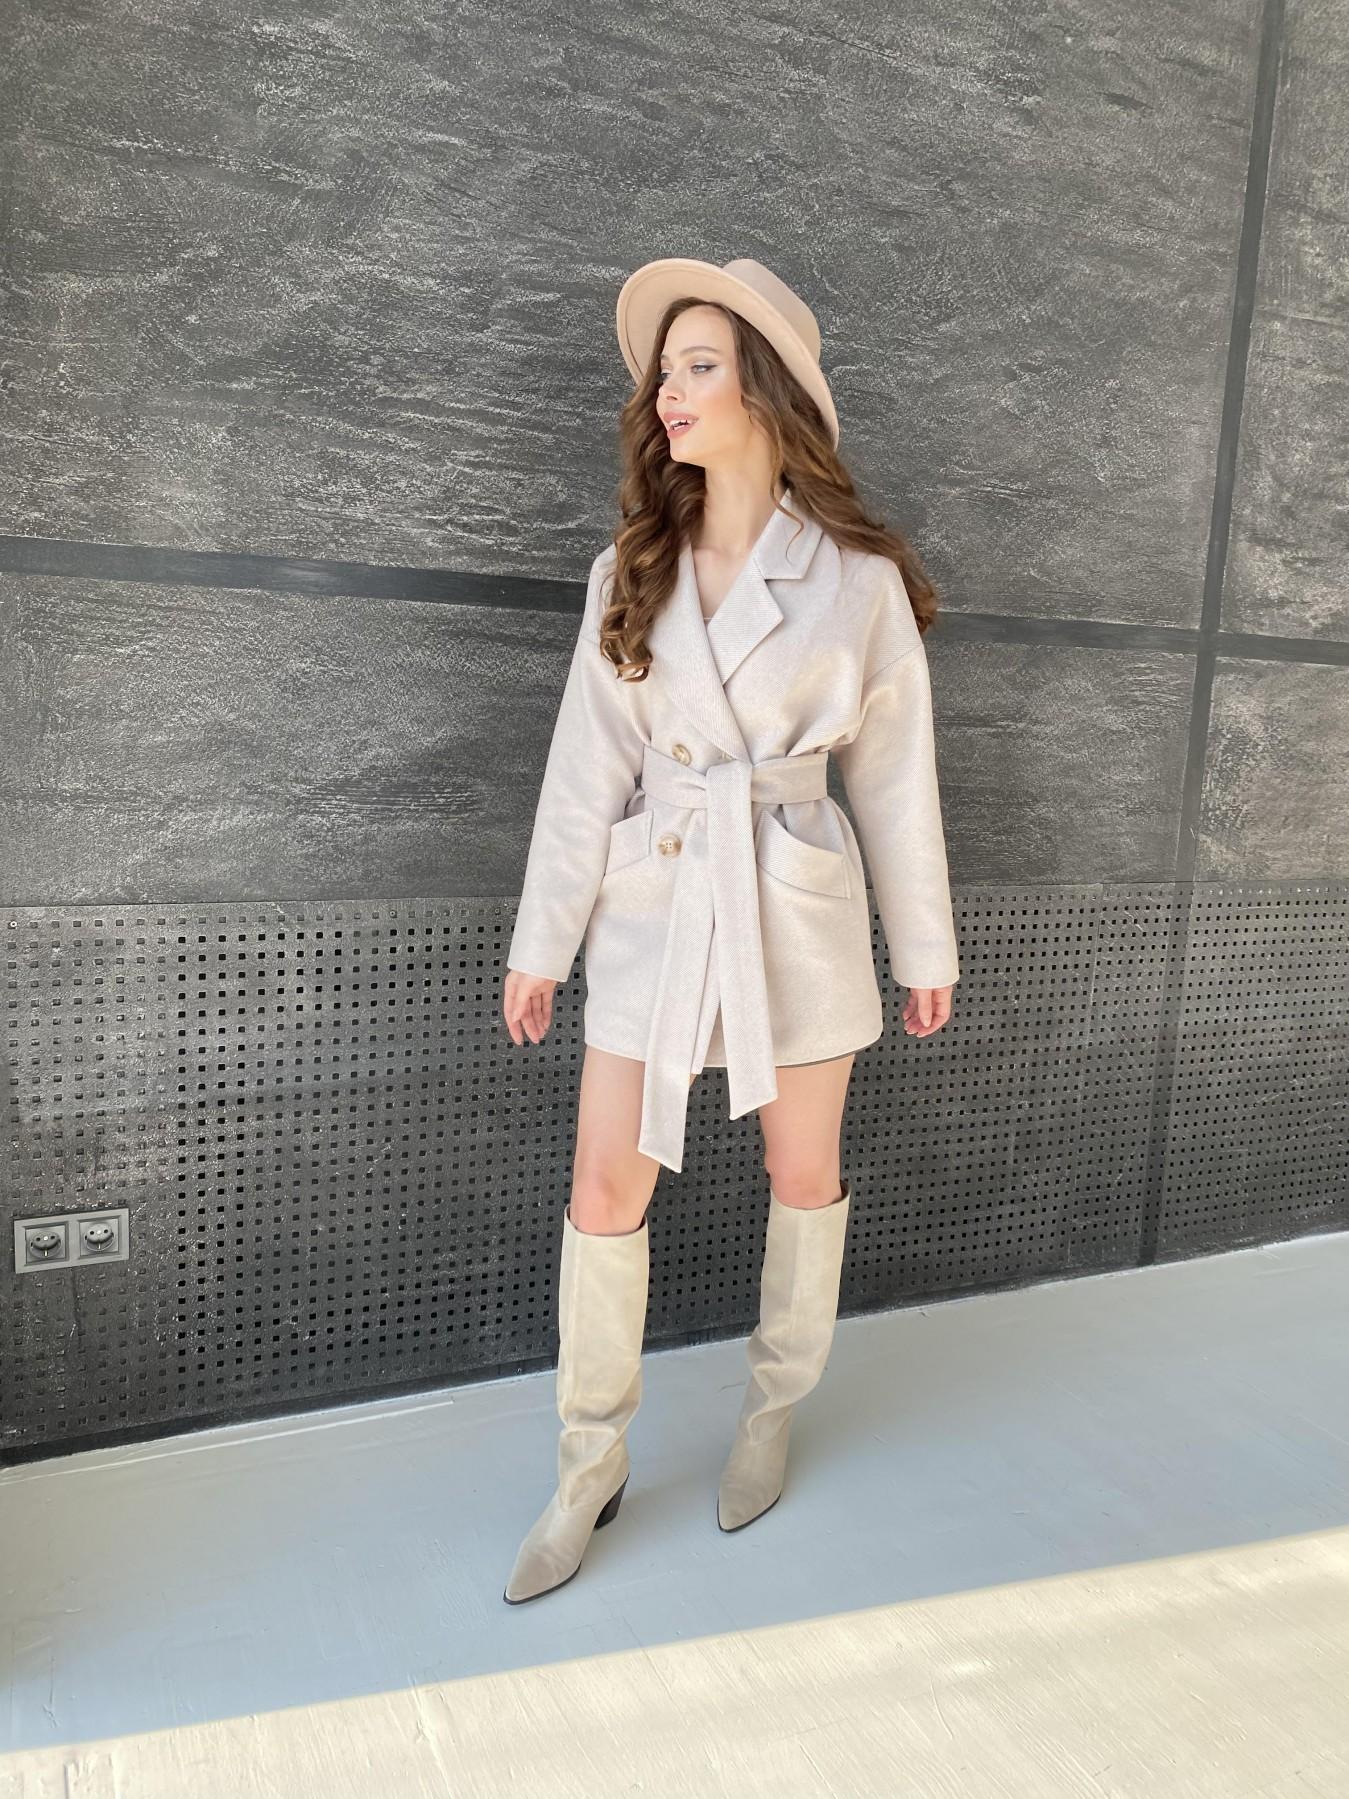 Бонд Диагональ пальто из пальтовой ткани  10757 АРТ. 47189 Цвет: Бежевый - фото 5, интернет магазин tm-modus.ru